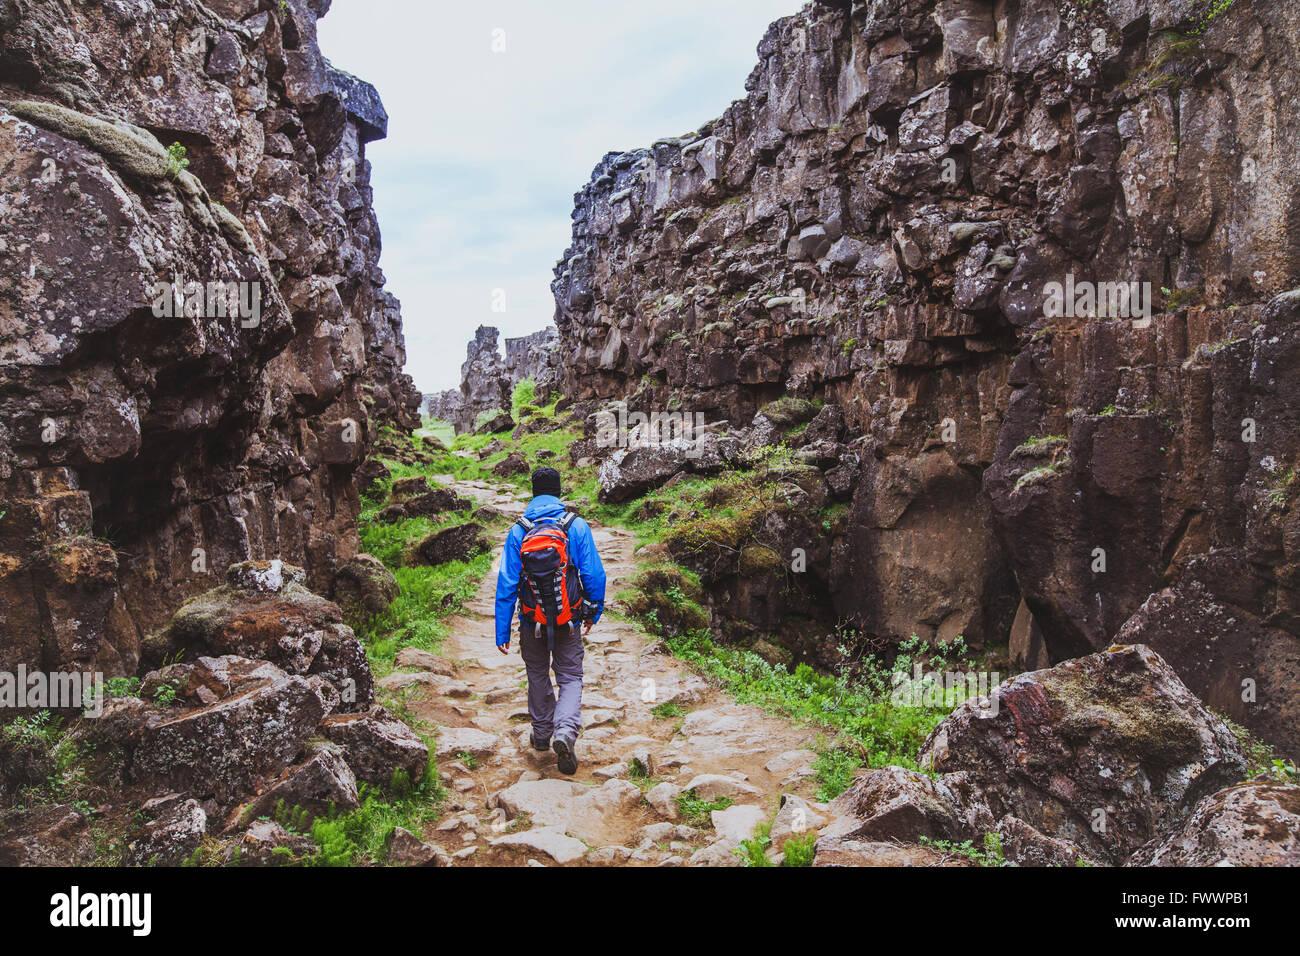 Senderismo en cañones rocosos, mochilero de caminar en la naturaleza, Islandia Imagen De Stock